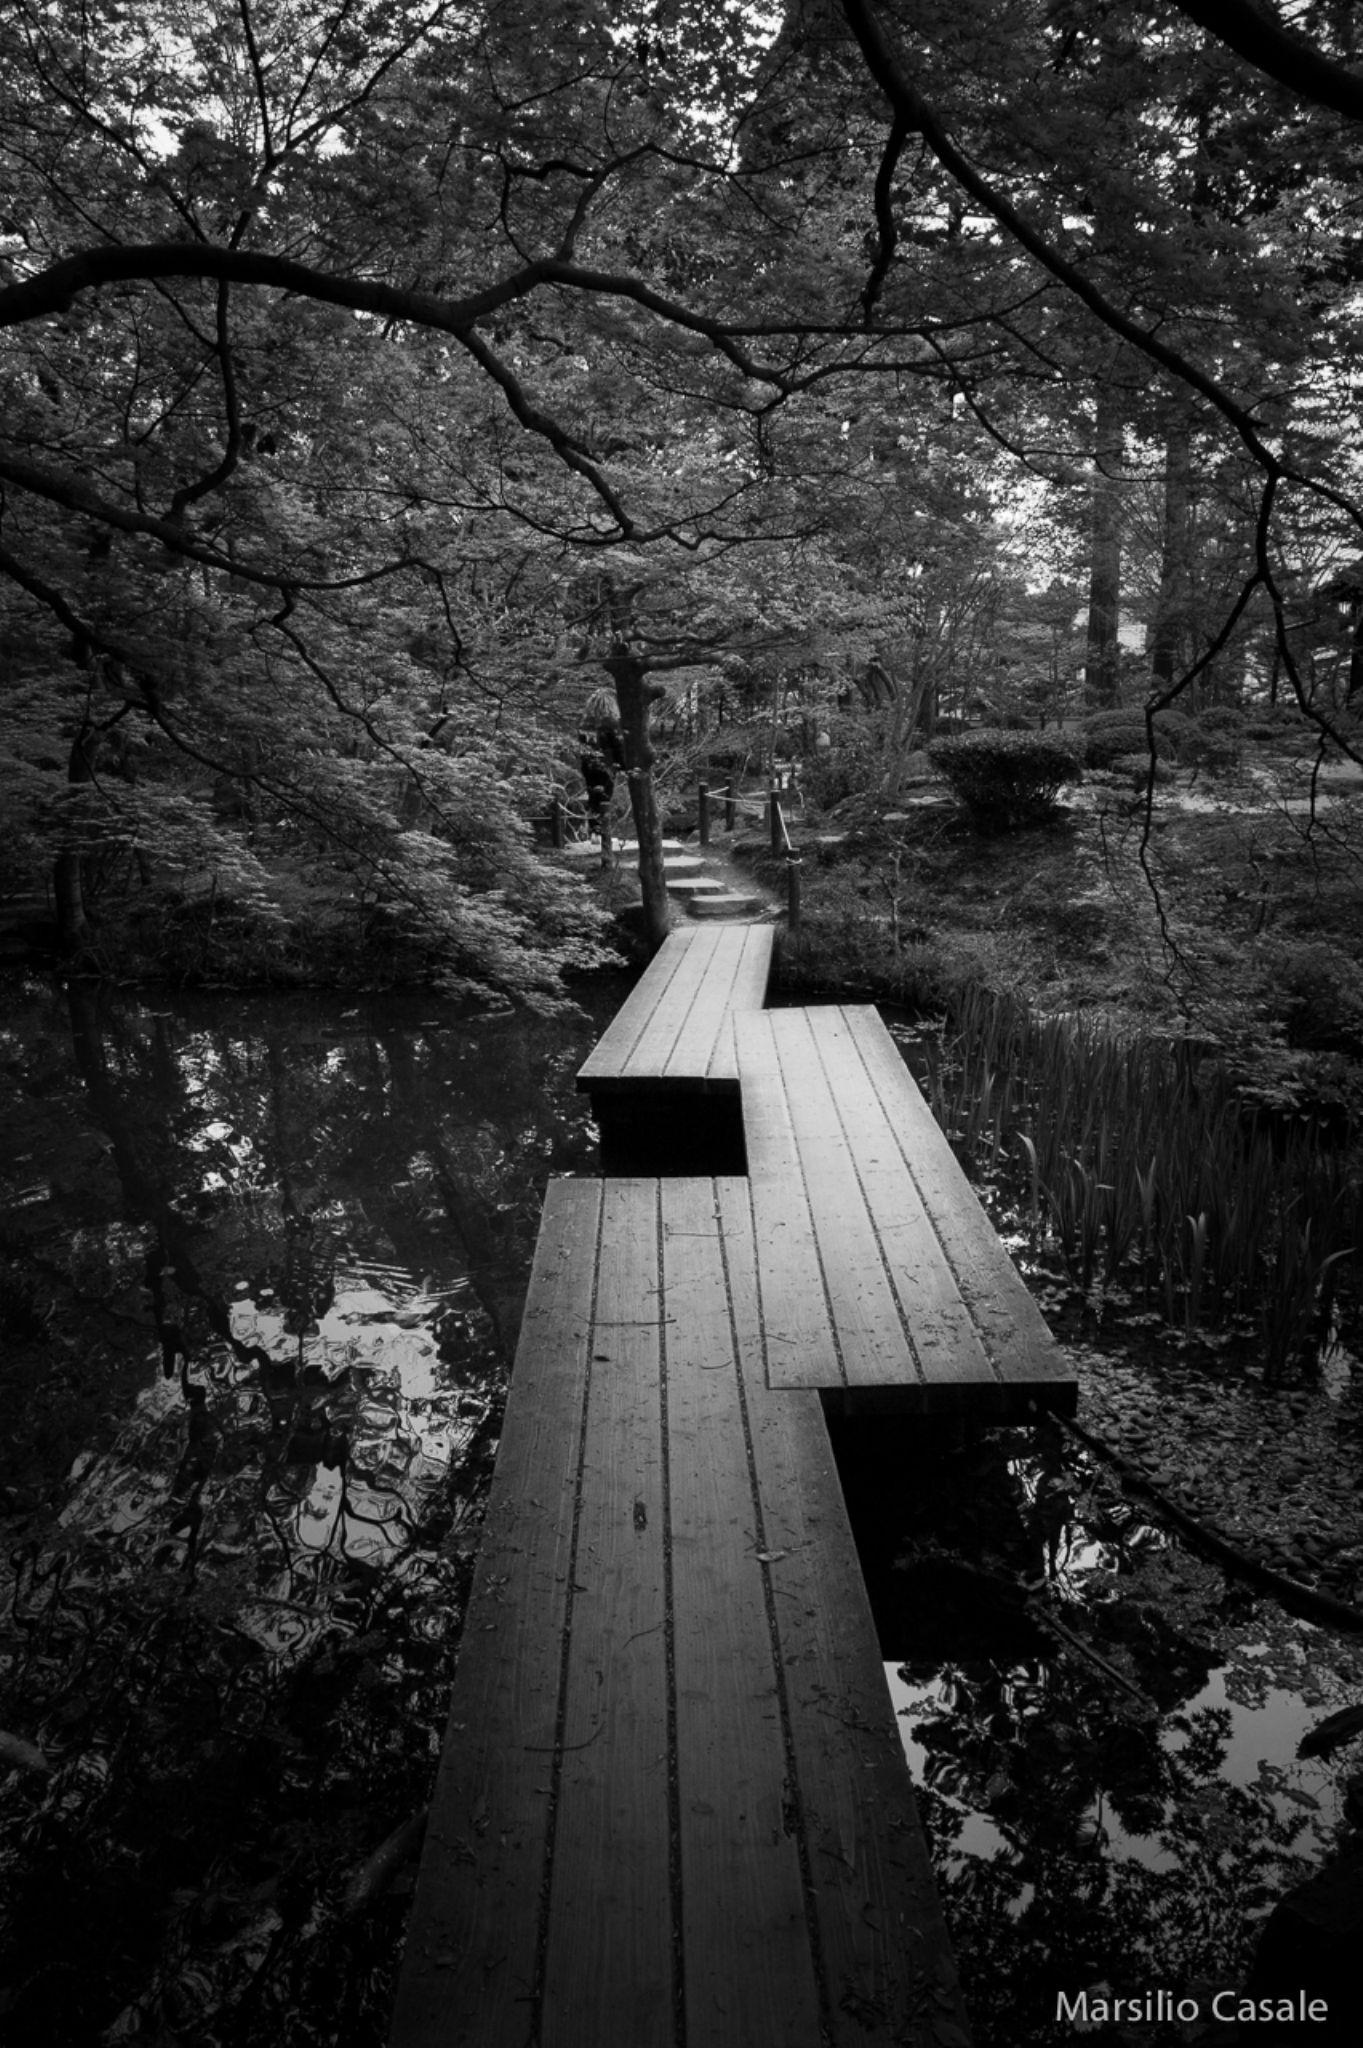 Pond passage by Marsilio Casale